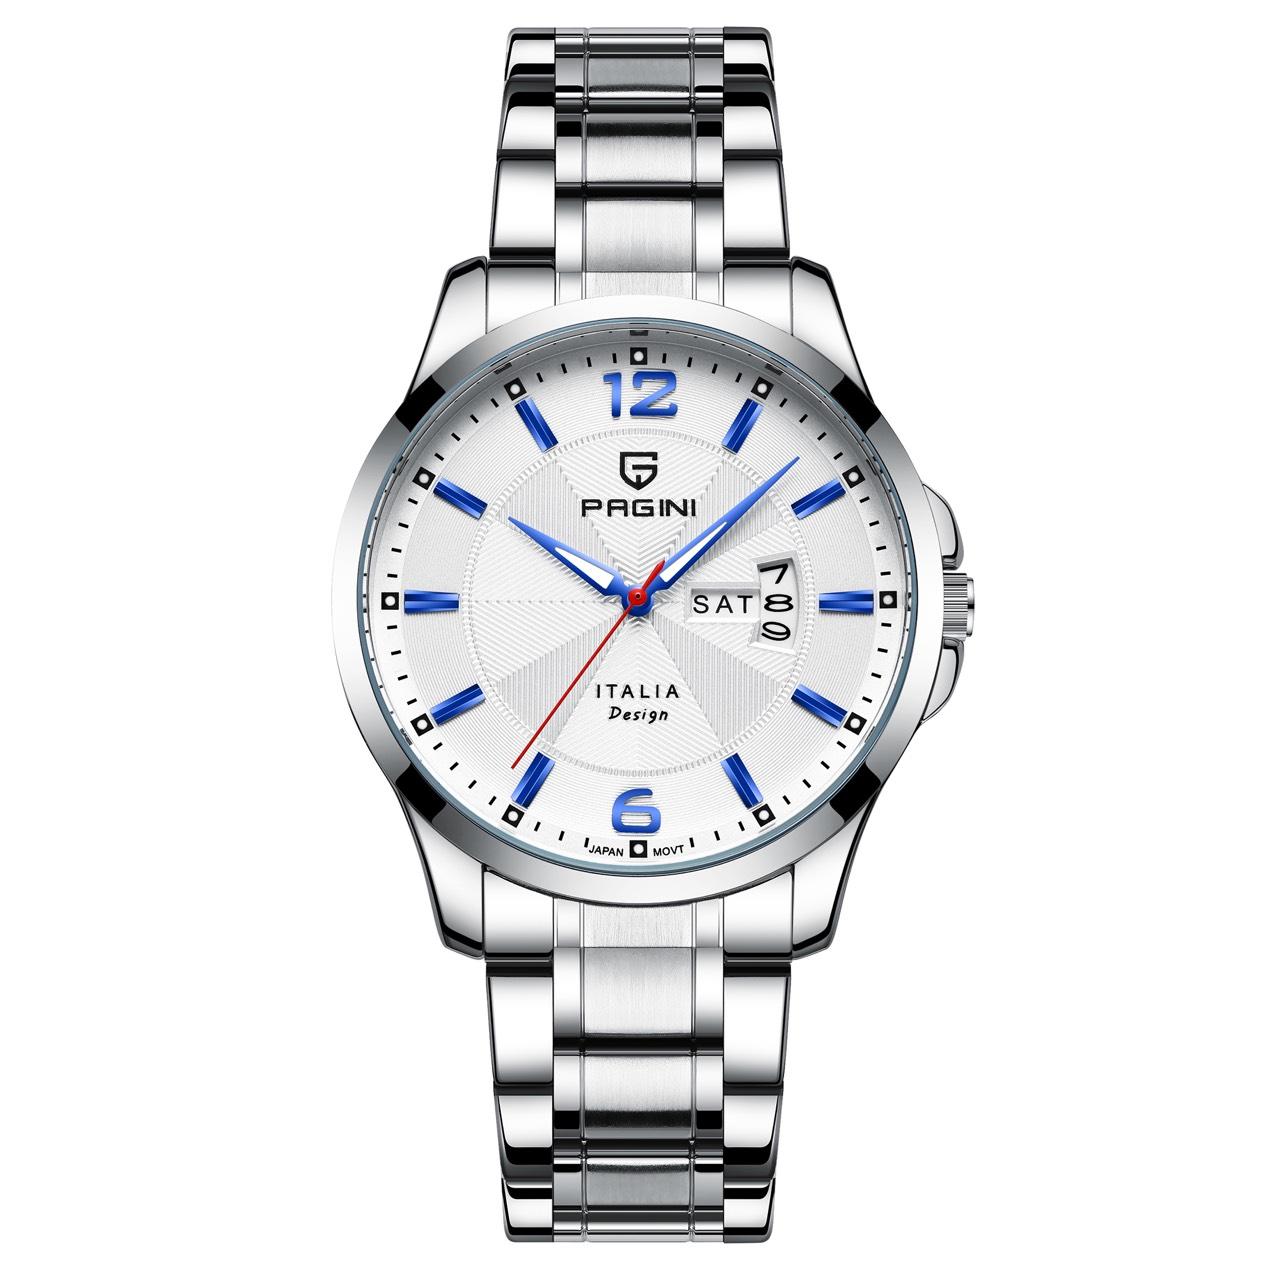 Đồng hồ nam PAGINI PA5533W dây thép không gỉ - Lịch ngày cao cấp